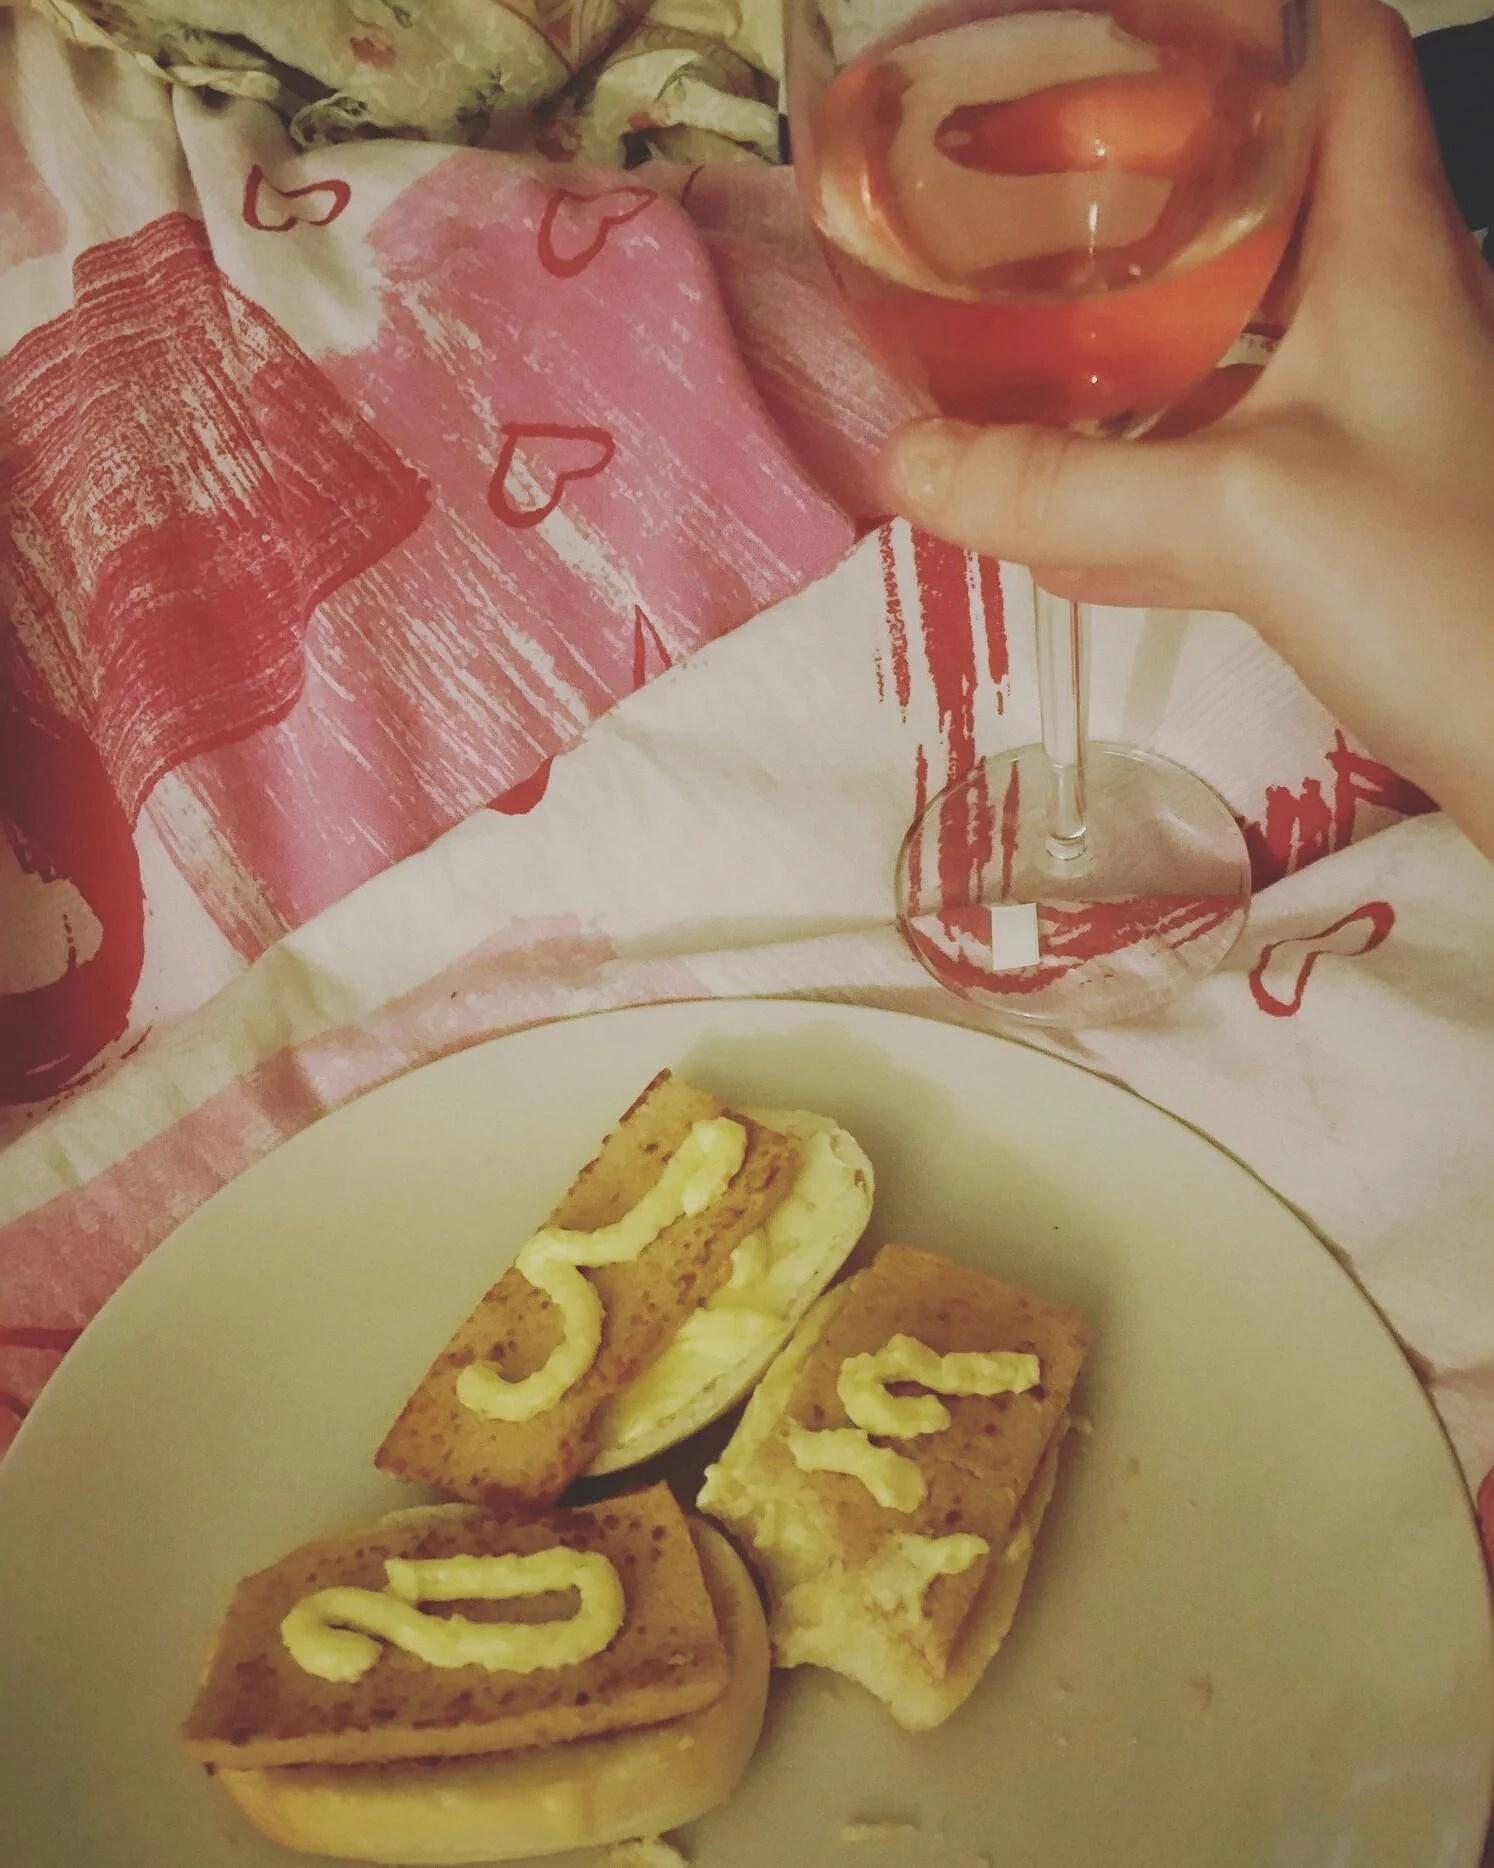 Torskrom & rose vin 🌸